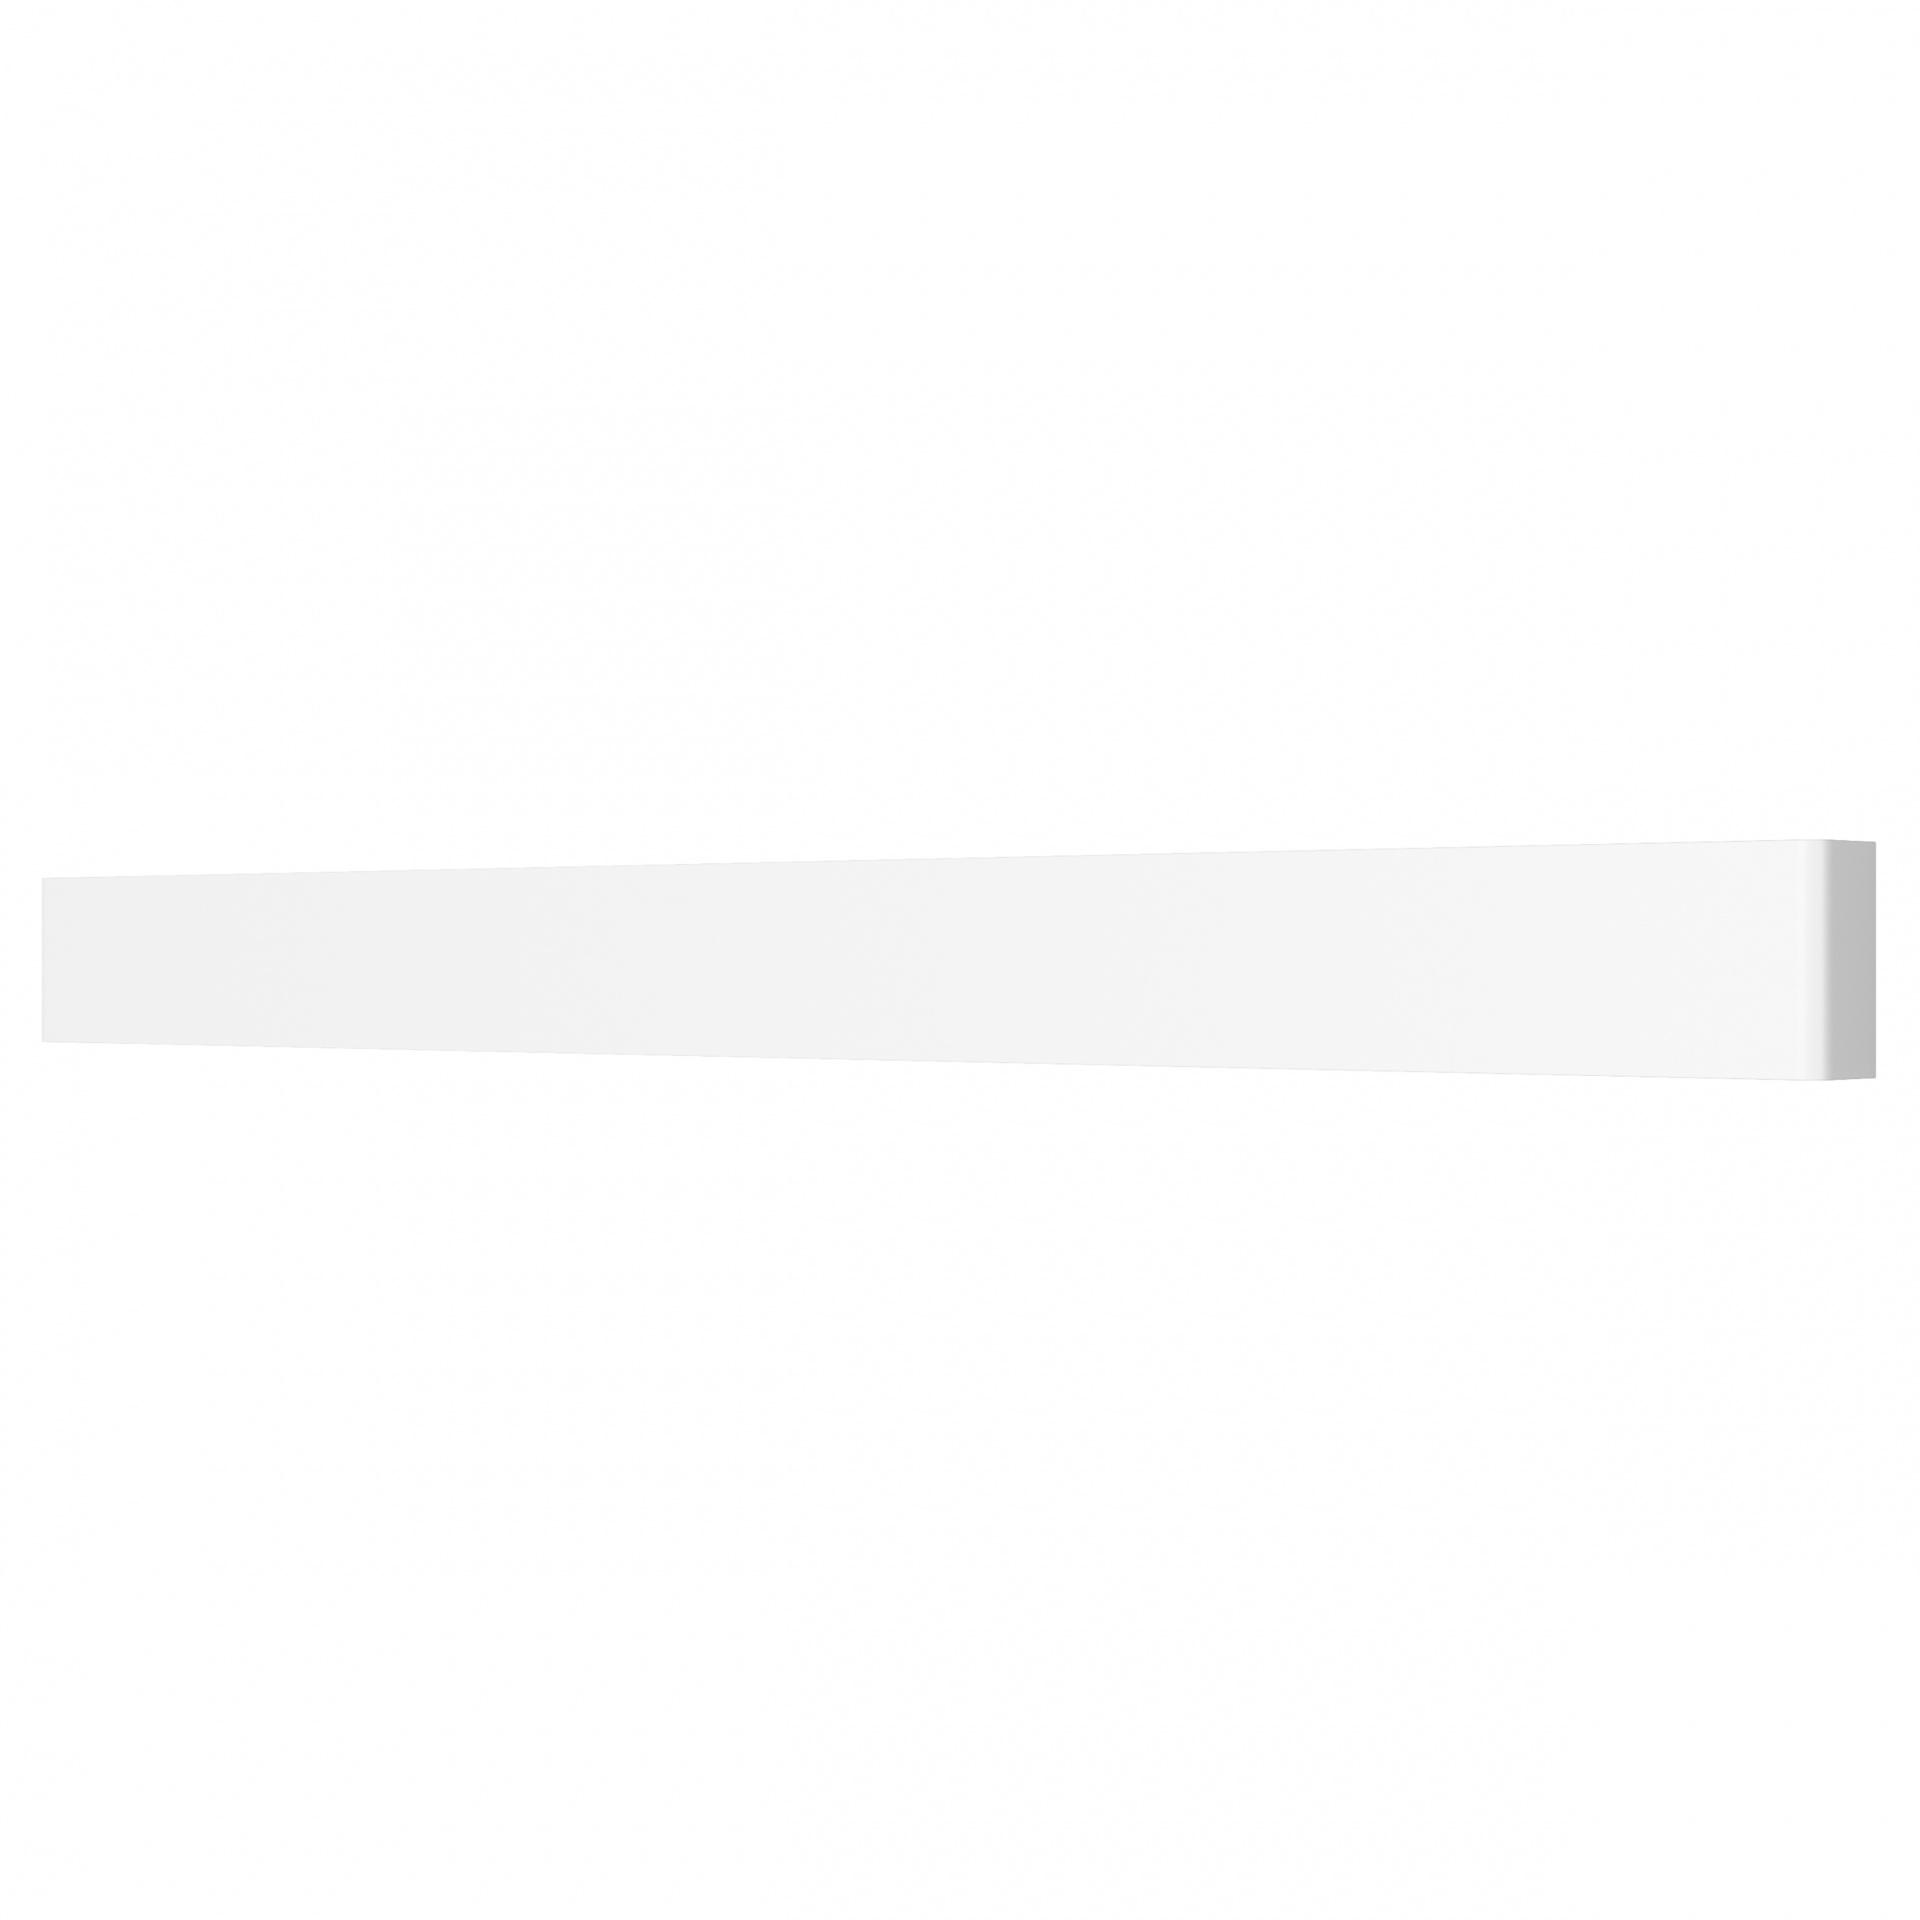 Бра Fiume 30W 2850LM матовый белый 3000K Lightstar 810536, купить в СПб, Москве, с доставкой, Санкт-Петербург, интернет-магазин люстр и светильников Starlight, фото в жизни